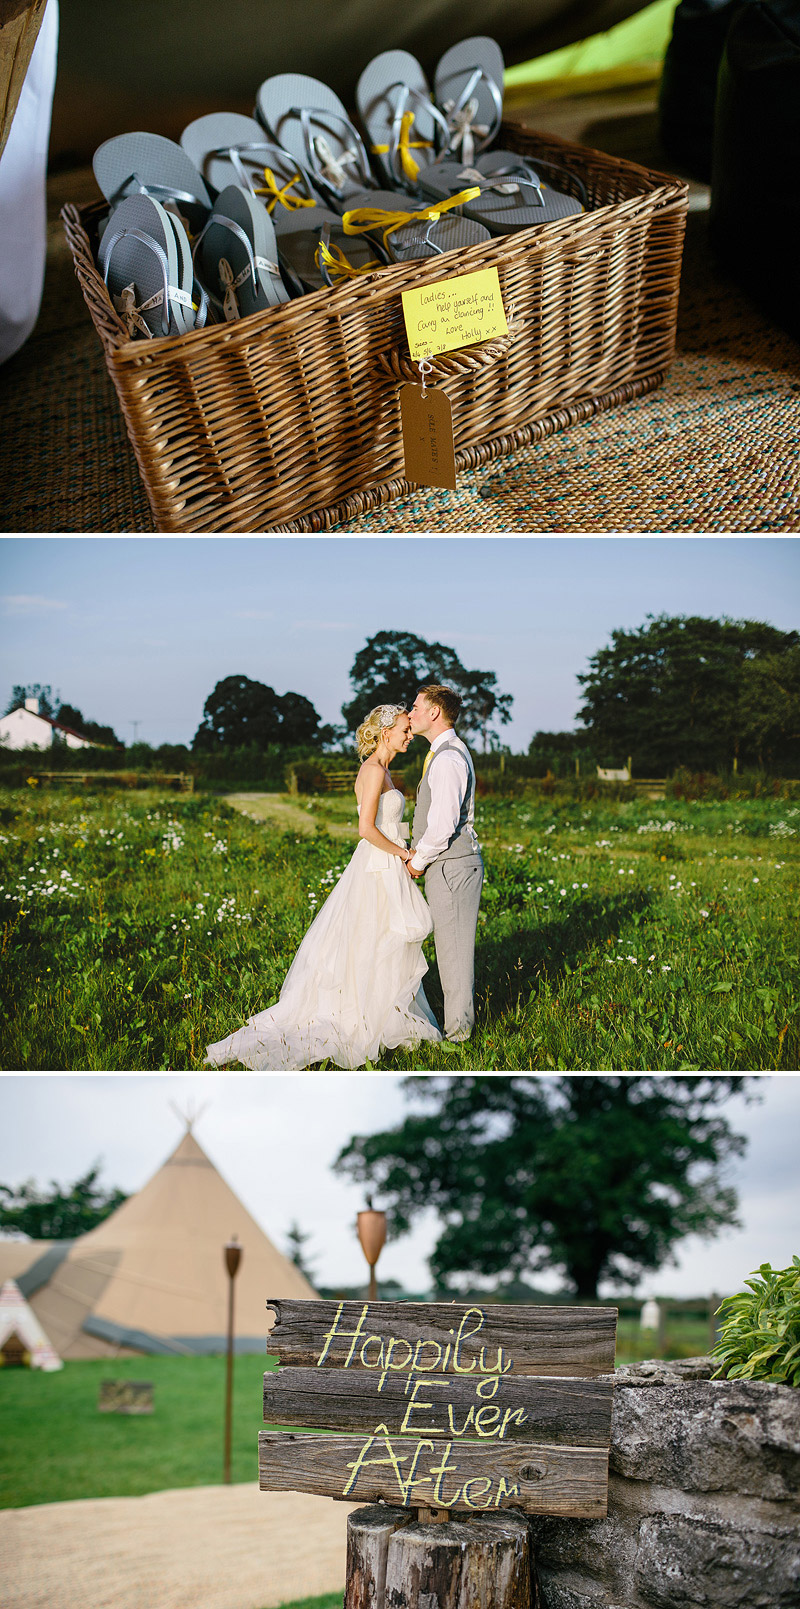 CHristian-Ward-Final-wooden-wedding-sign